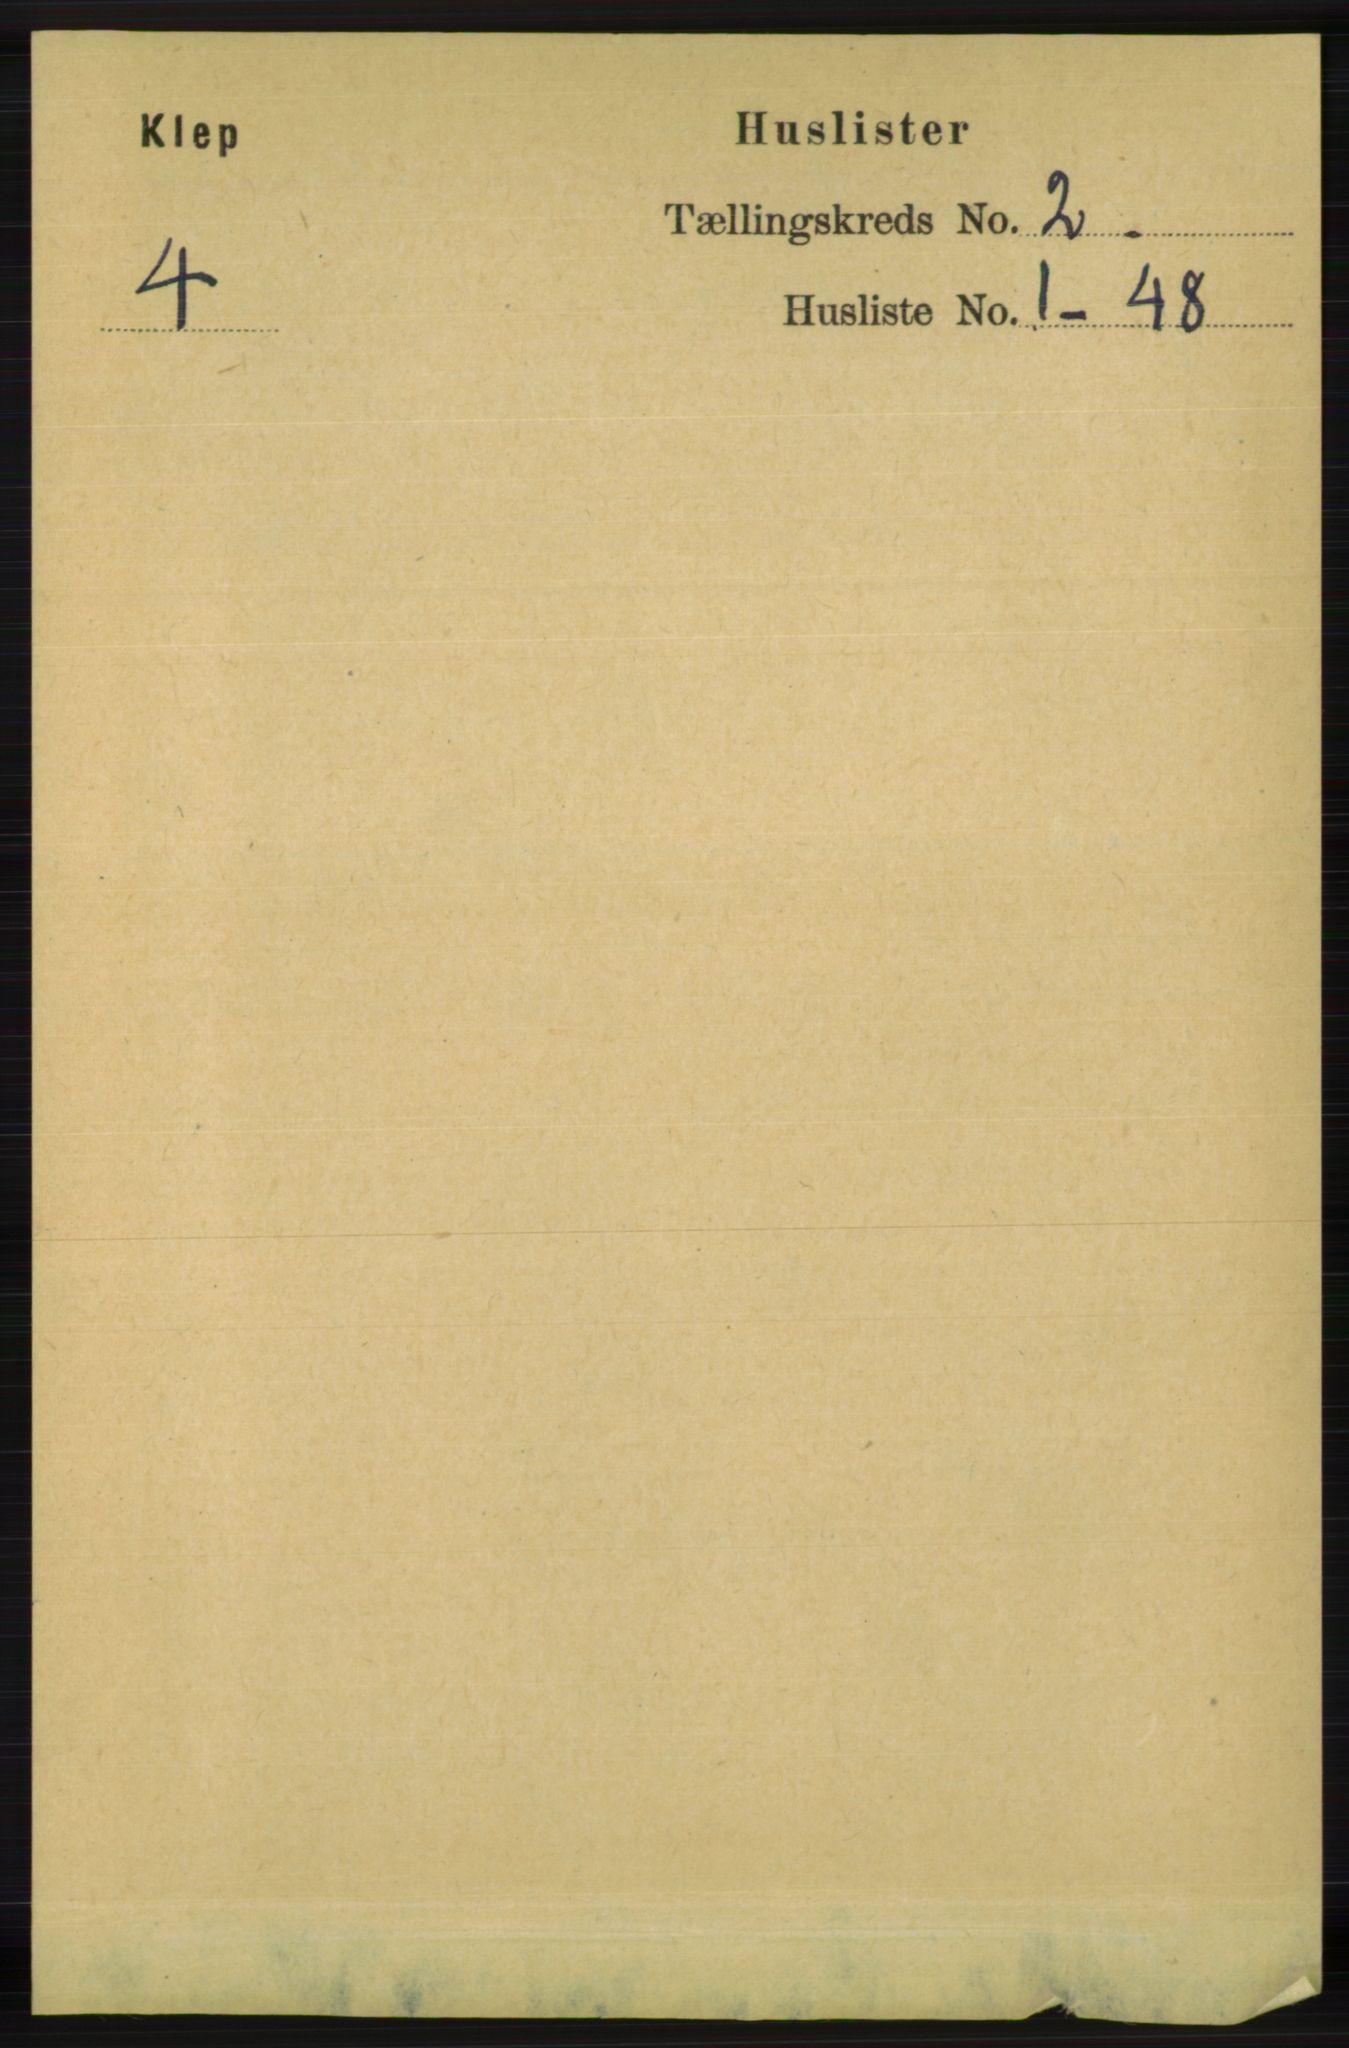 RA, Folketelling 1891 for 1120 Klepp herred, 1891, s. 308